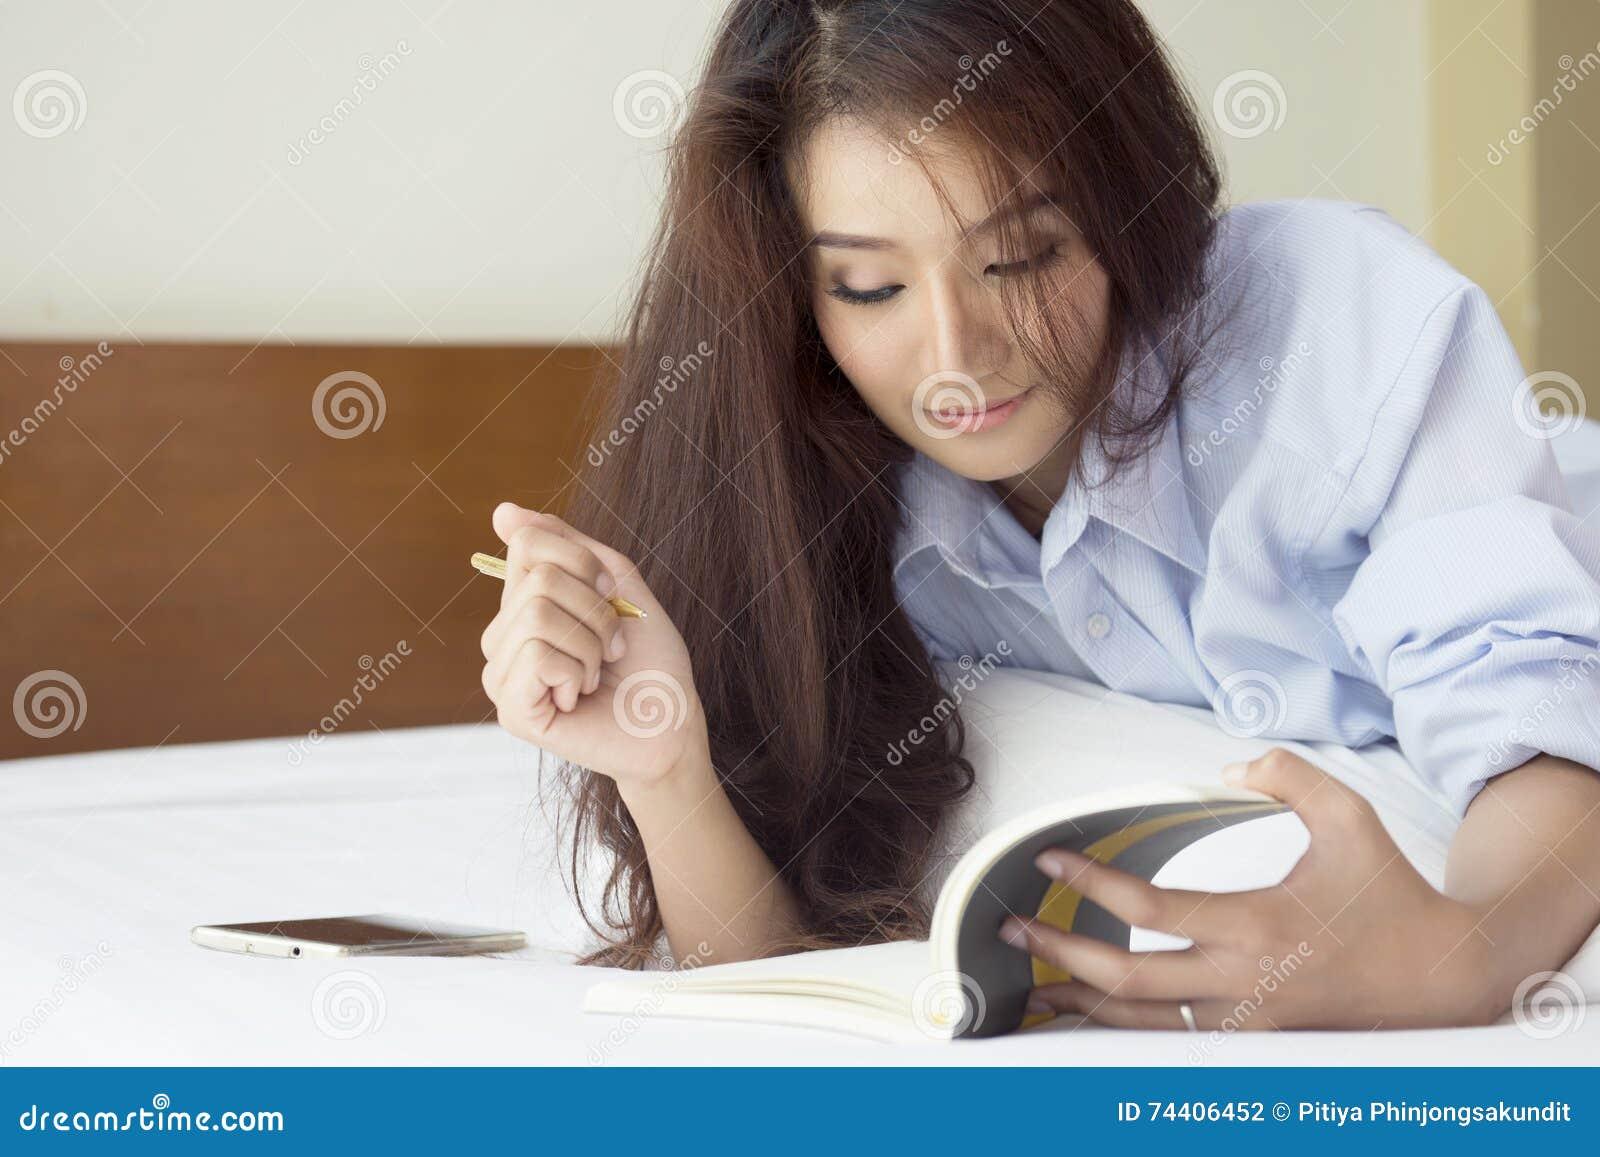 belle donne che si rilassano nella camera da letto fotografia ... - Donne In Camera Da Letto